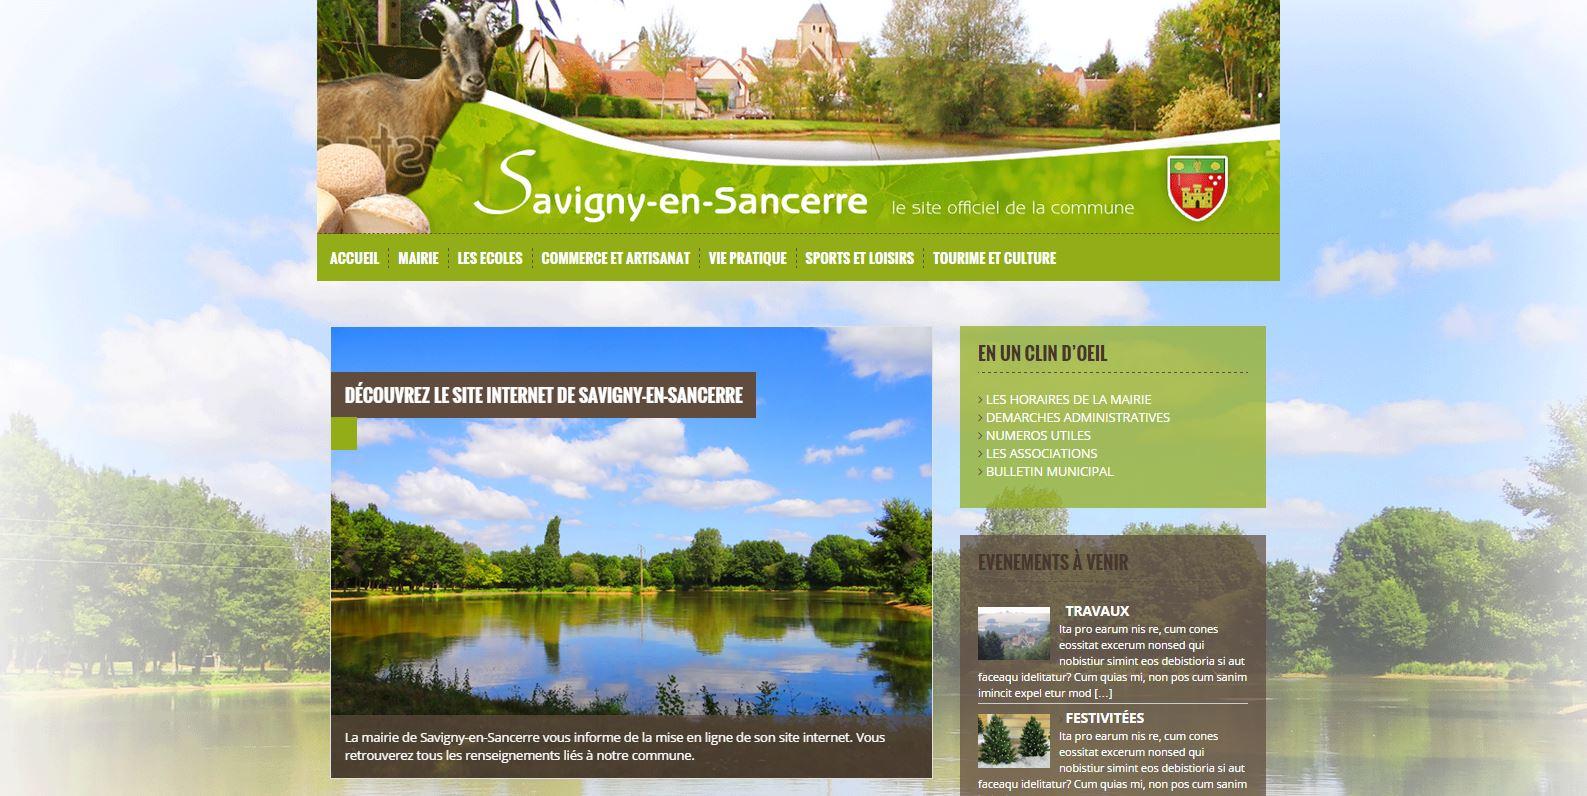 mairie de Savigny-en Sancerre - projet en cours - OFF LINE : PROJET EN COURS